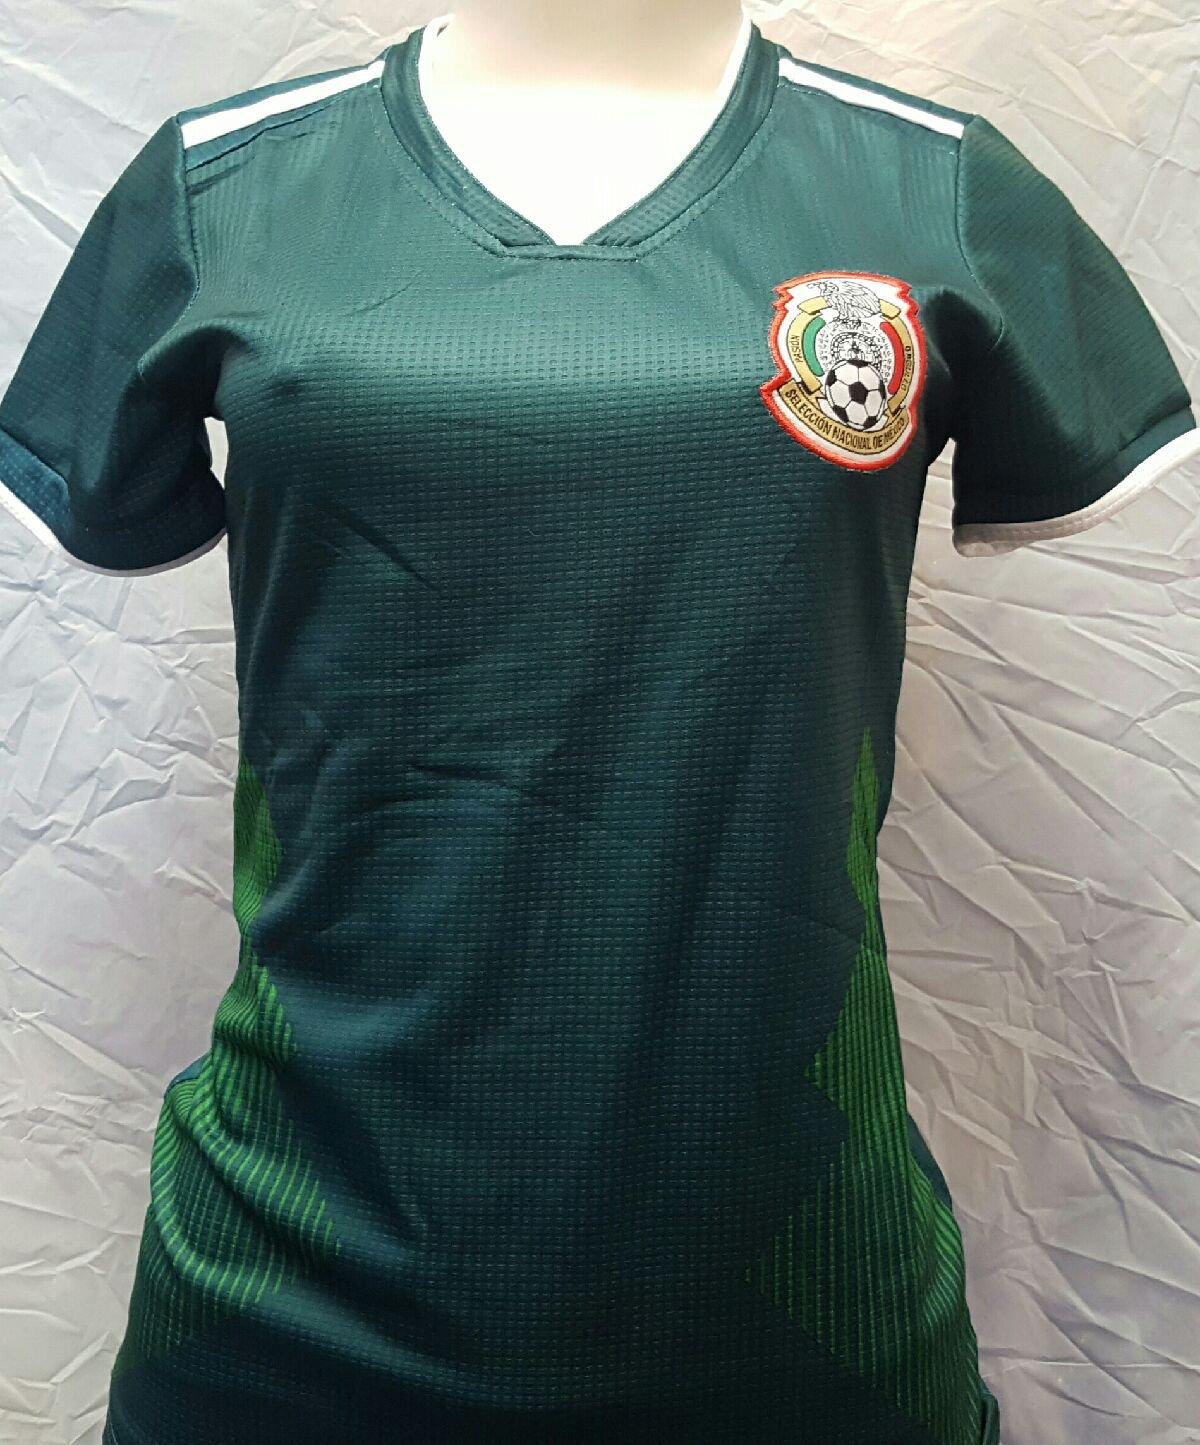 新しい。Ladiesメキシコ国立チーム2018ホームGeneric JerseyサイズXSmall B079YJB3HW